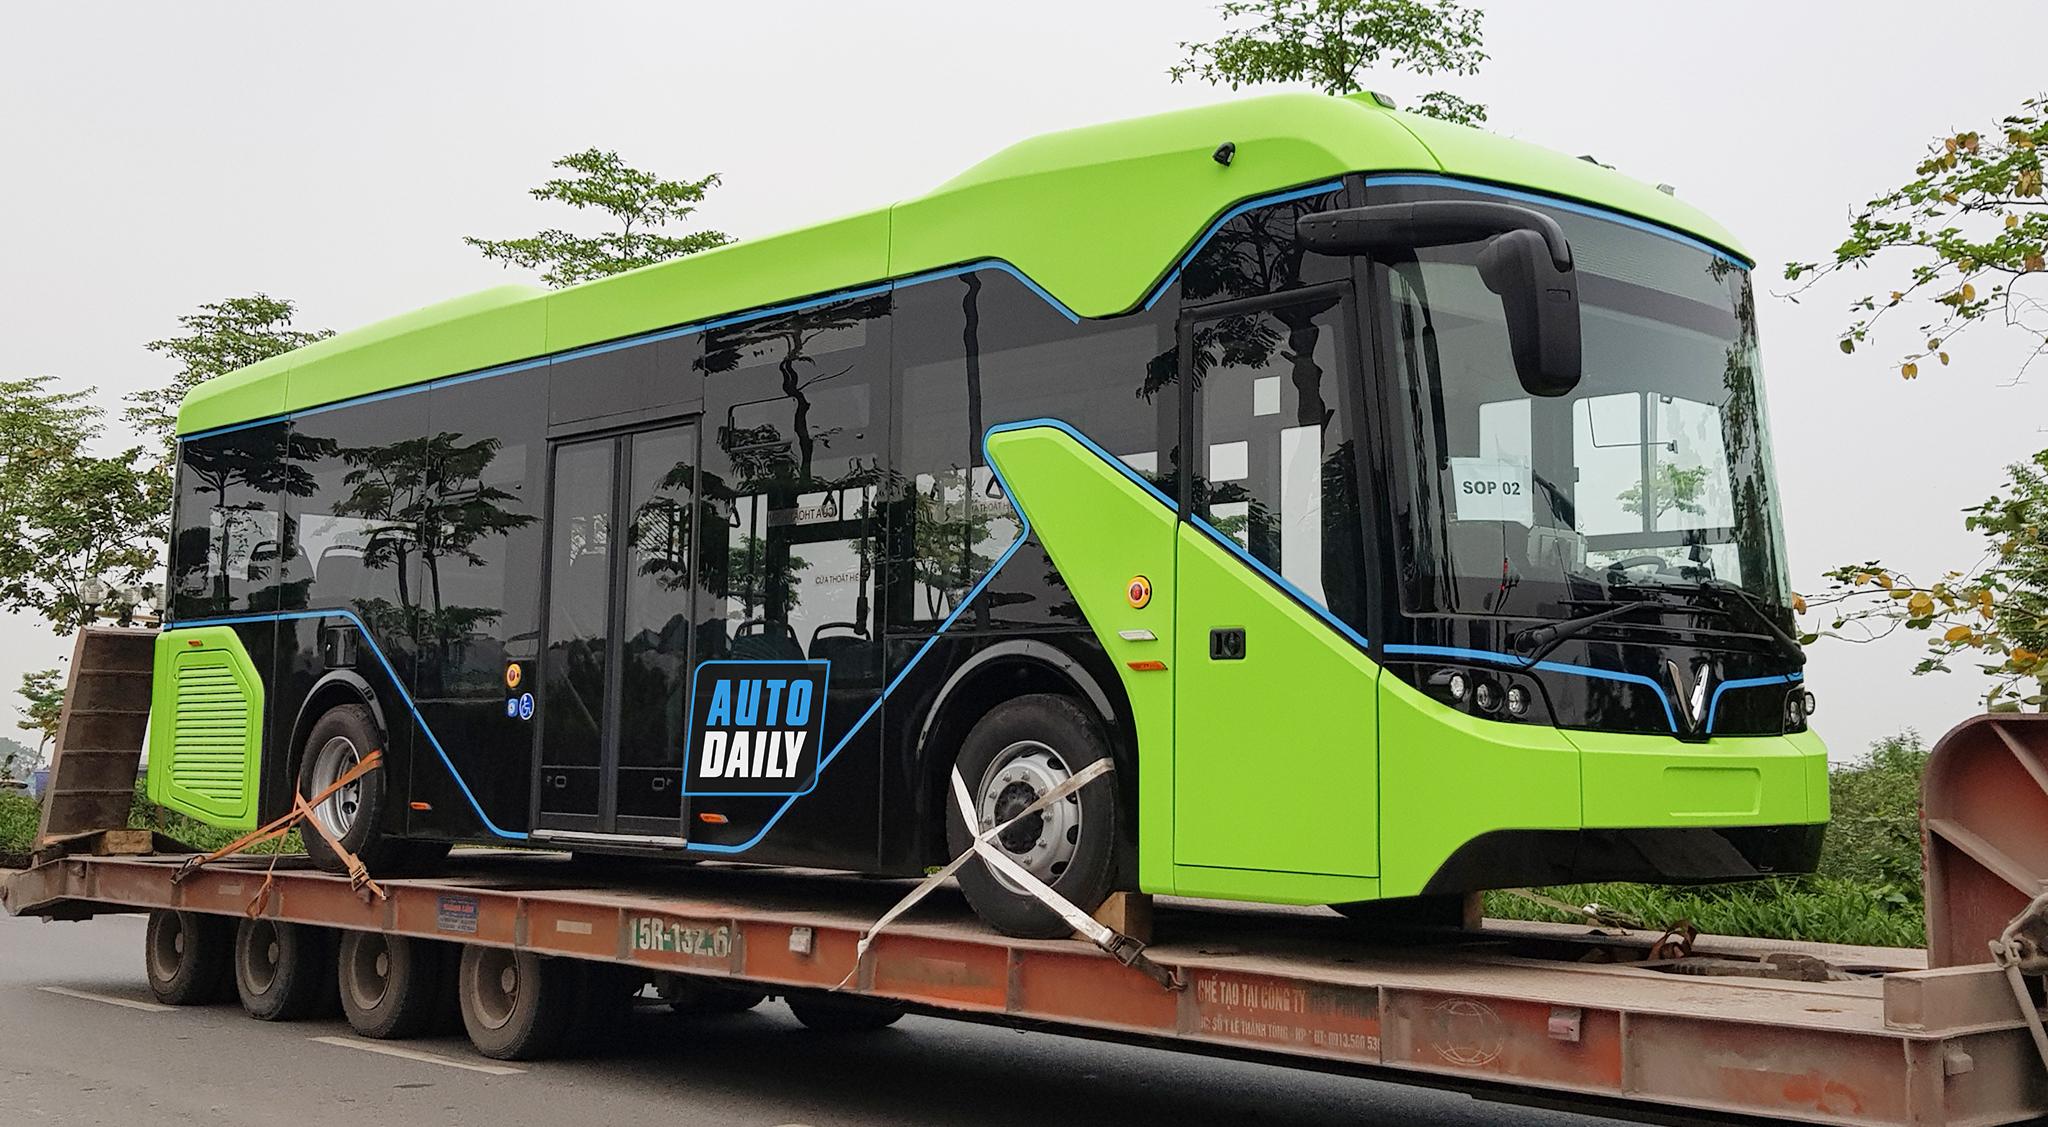 Chùm ảnh loạt xe Bus điện VinFast có mặt tại Hà Nội, sẵn sàng chạy thí điểm 20210330-1458060-copy.jpg